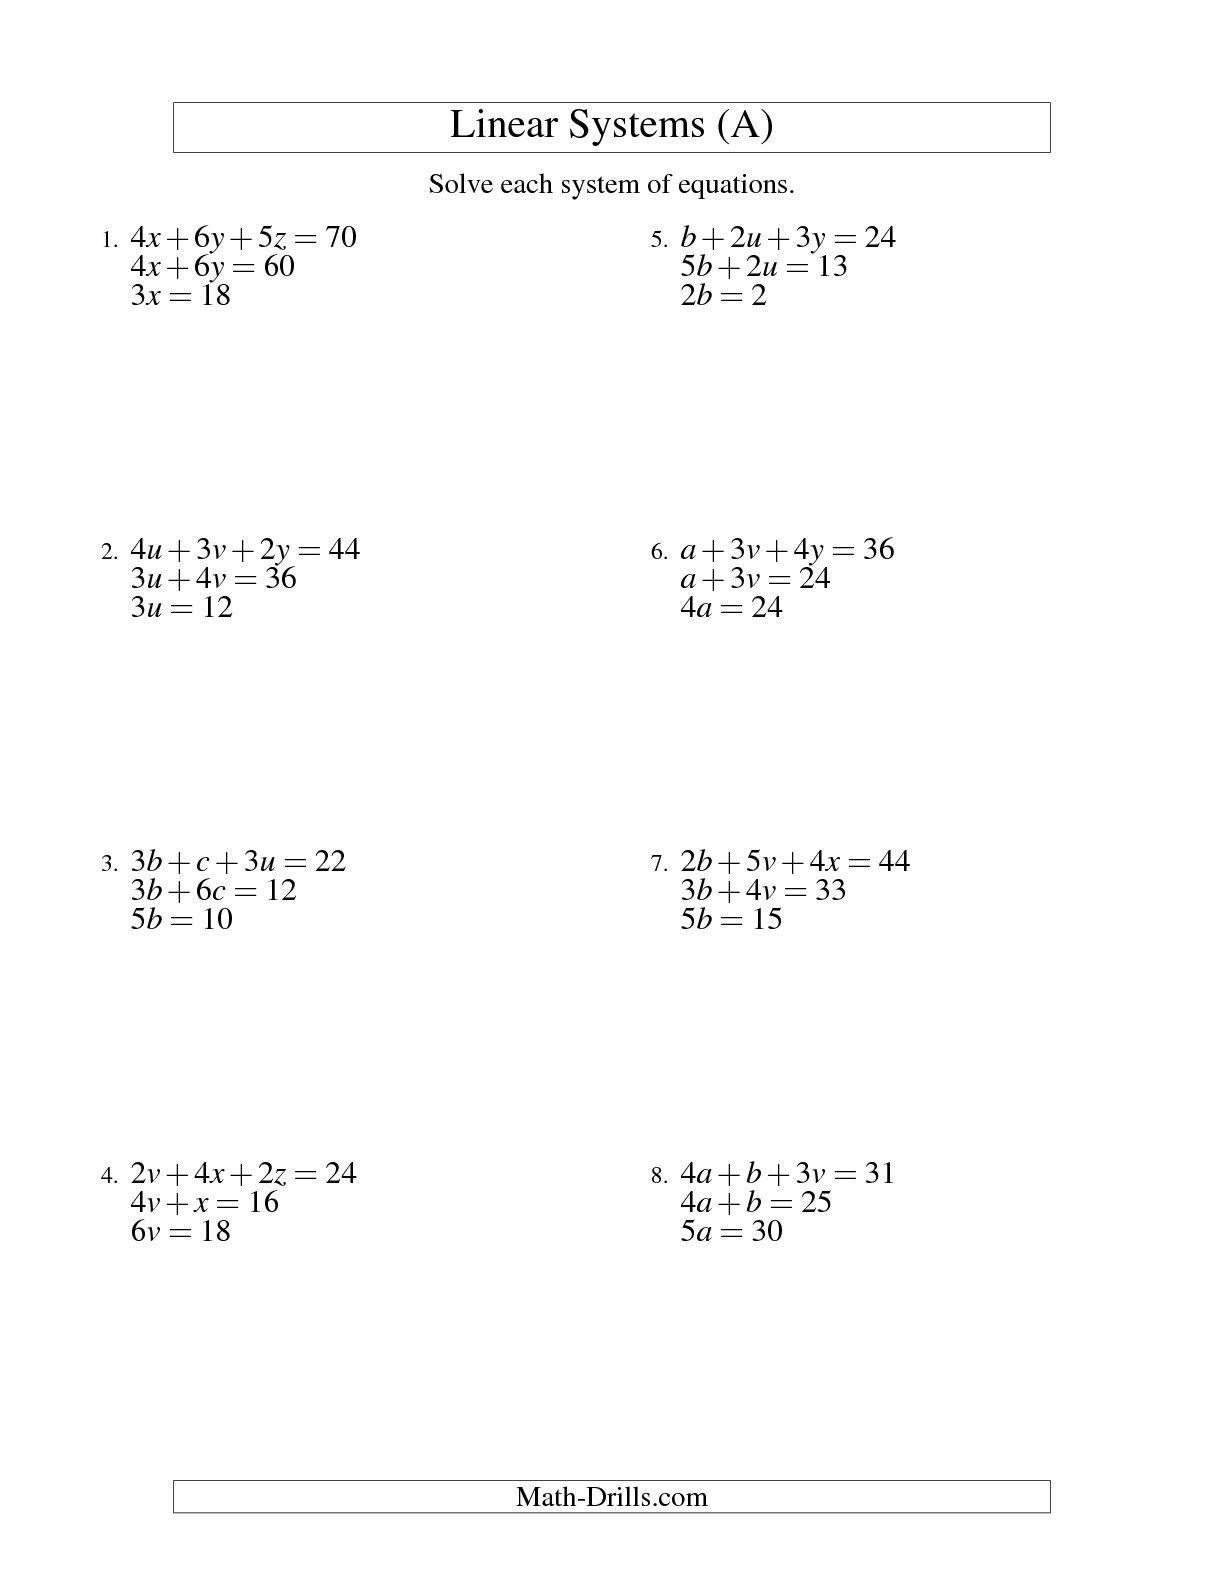 Algebra 1 Inequalities Worksheet  Briefencounters Also Algebra 1 Inequalities Worksheet